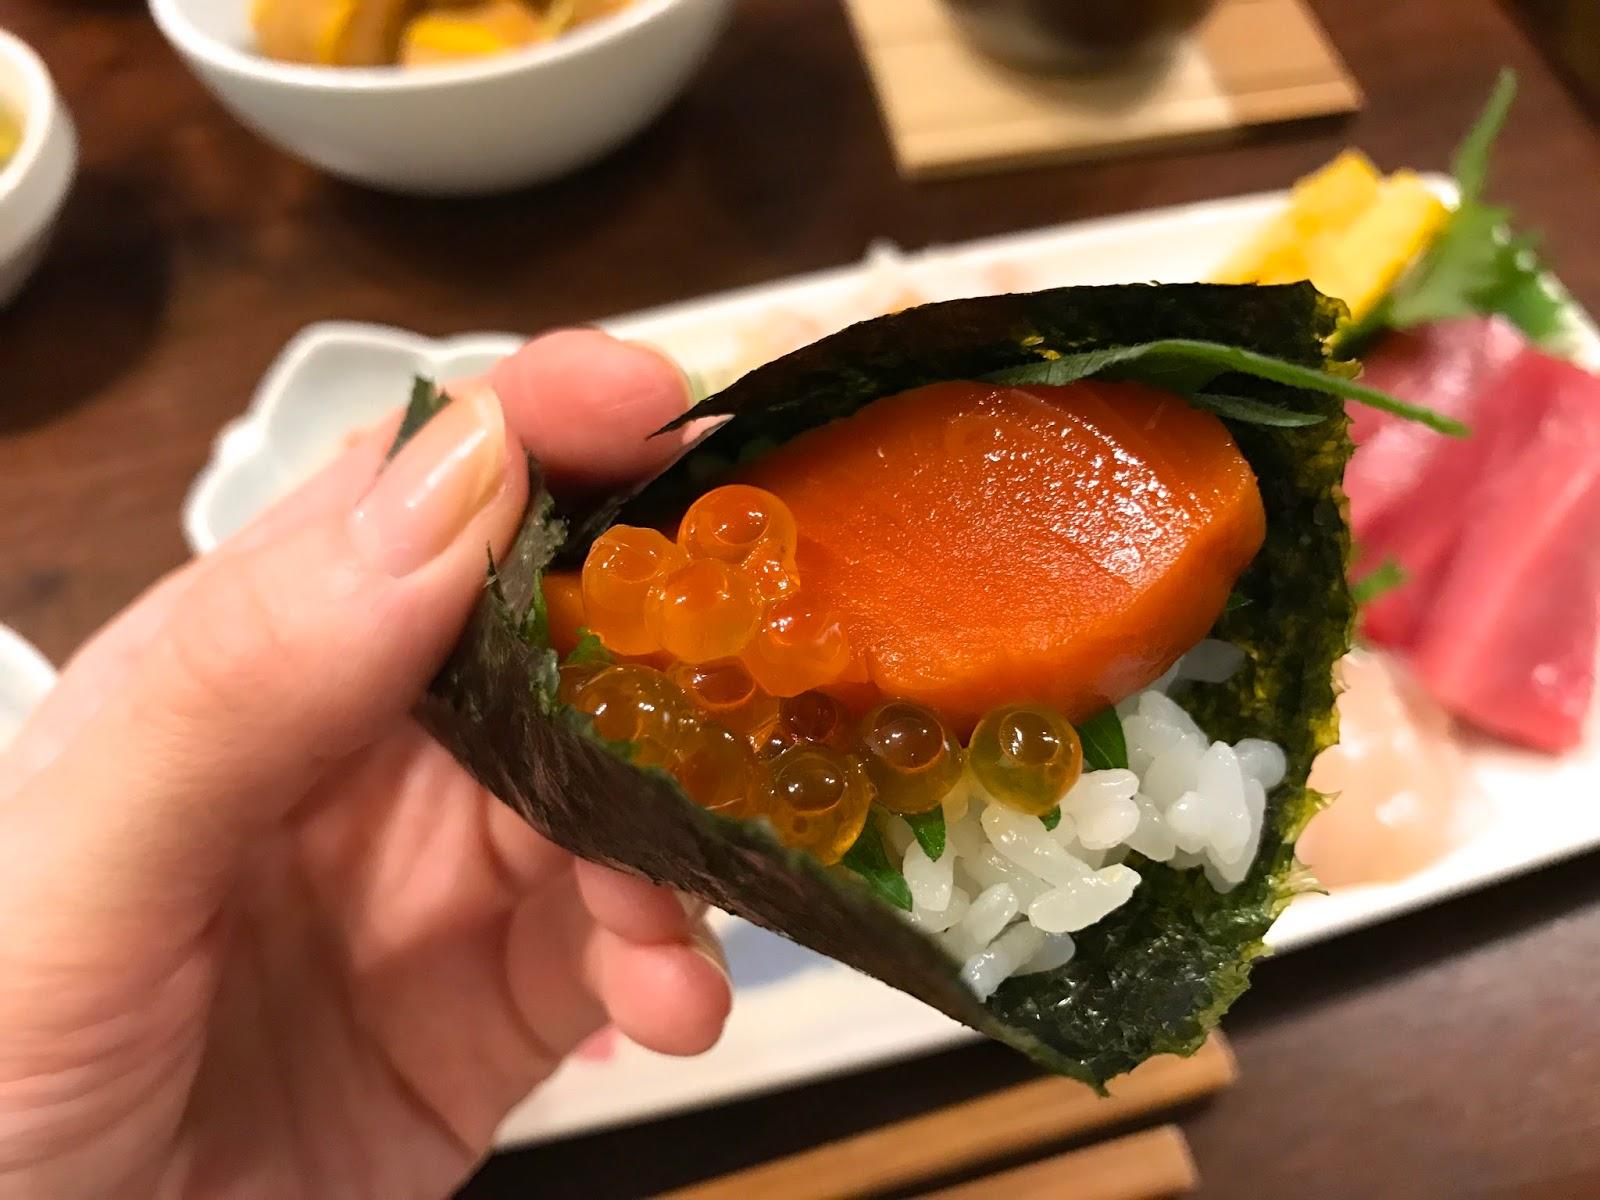 手 巻き 寿司 献立 手巻き寿司に合うおかずの献立24選|副菜・付け合わせ・もう一品の料...